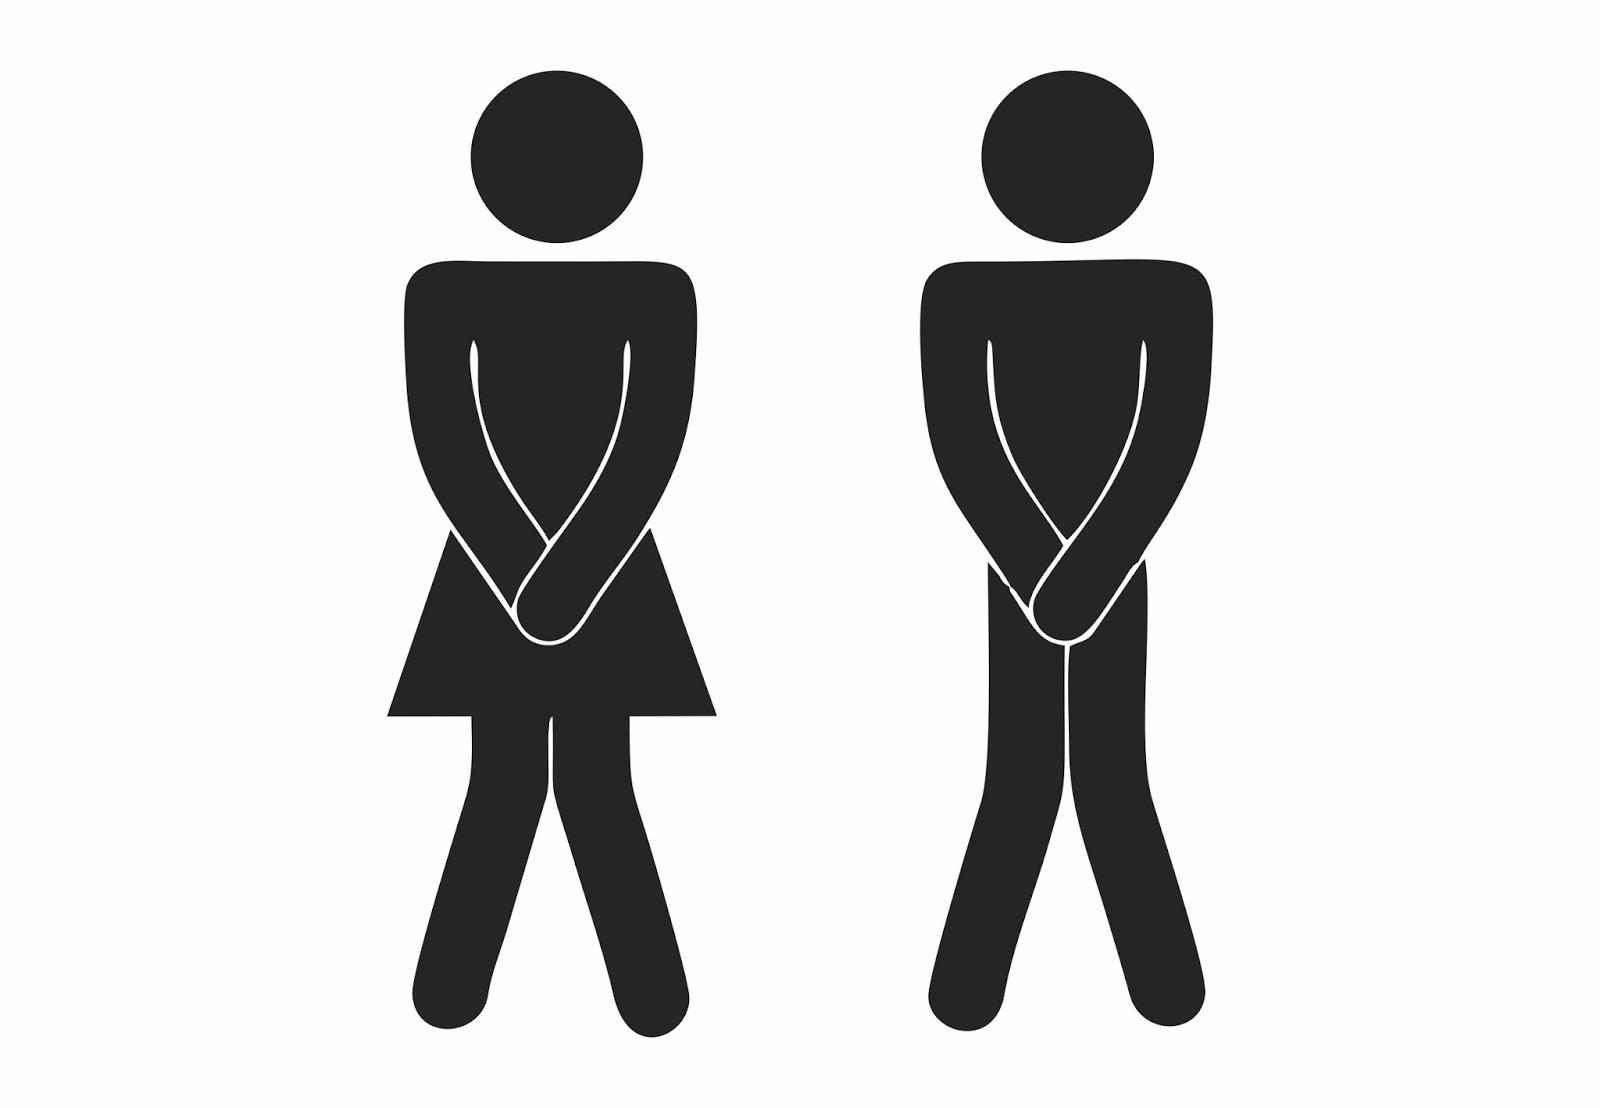 Cocorel Bonecos de porta de banheiro vetorizados em Corel Draw [CDR], Adobe -> Boneco Banheiro Feminino